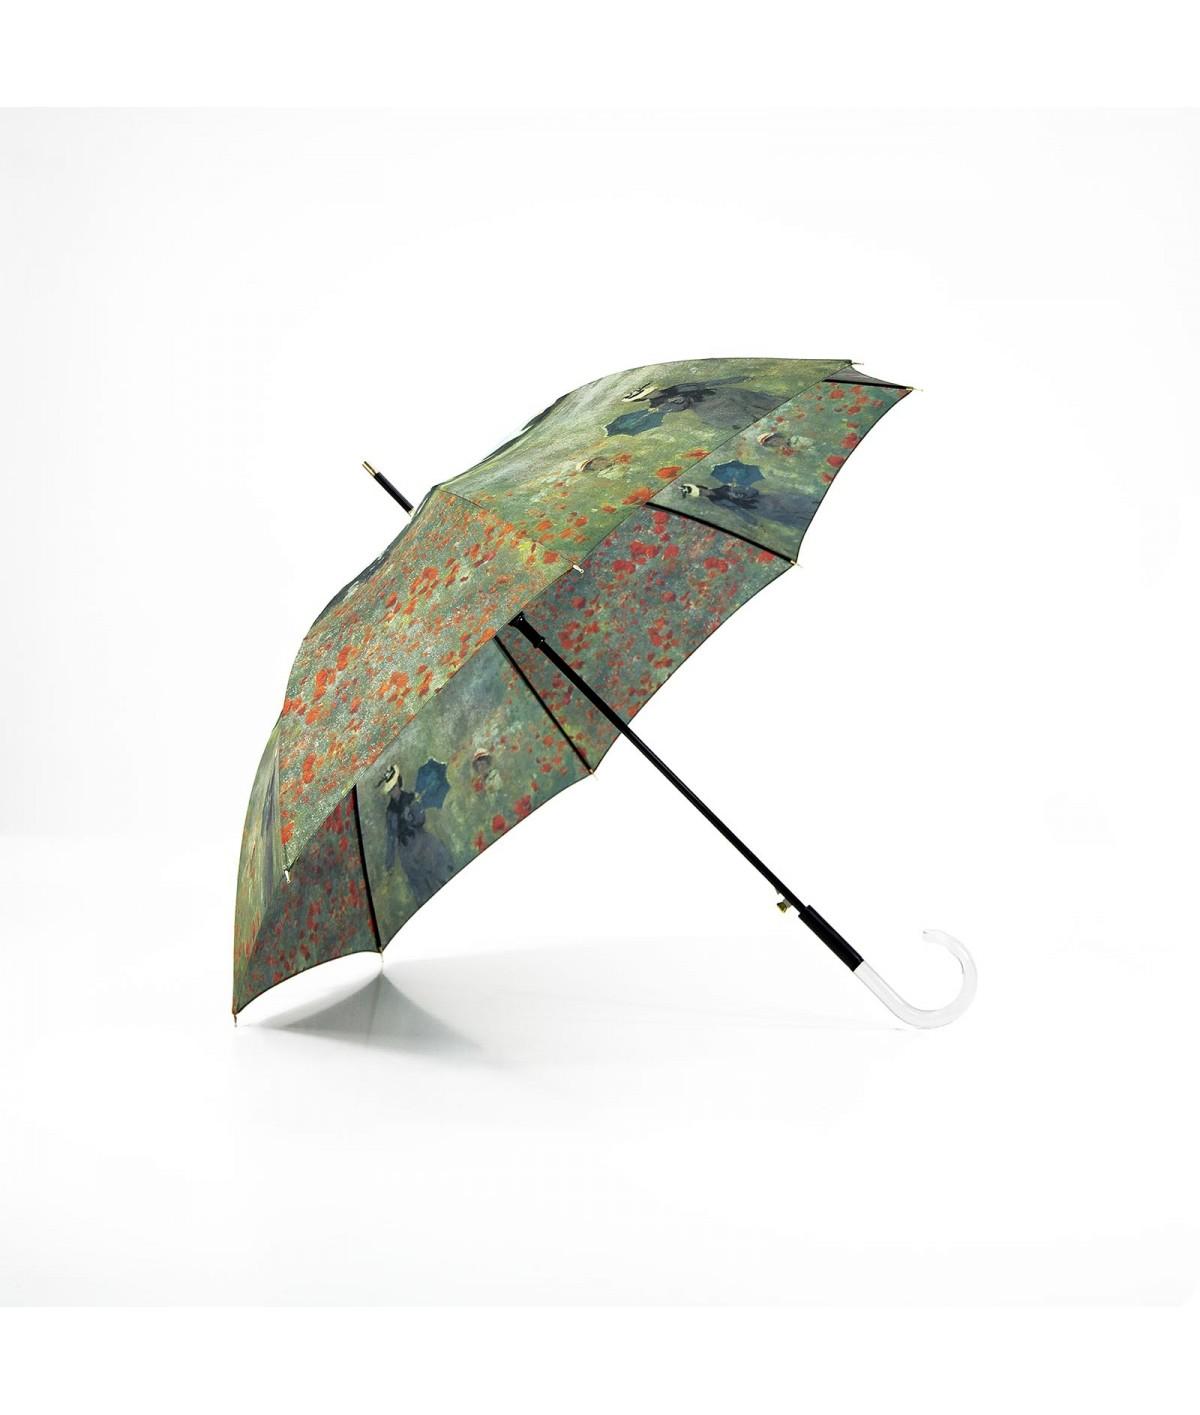 """→ Parapluie Série Limitée """"Les Impressionnistes """" - """"Femme à l'Ombrelle"""" - Long - Claude Monnet - Parapluie de Luxe"""